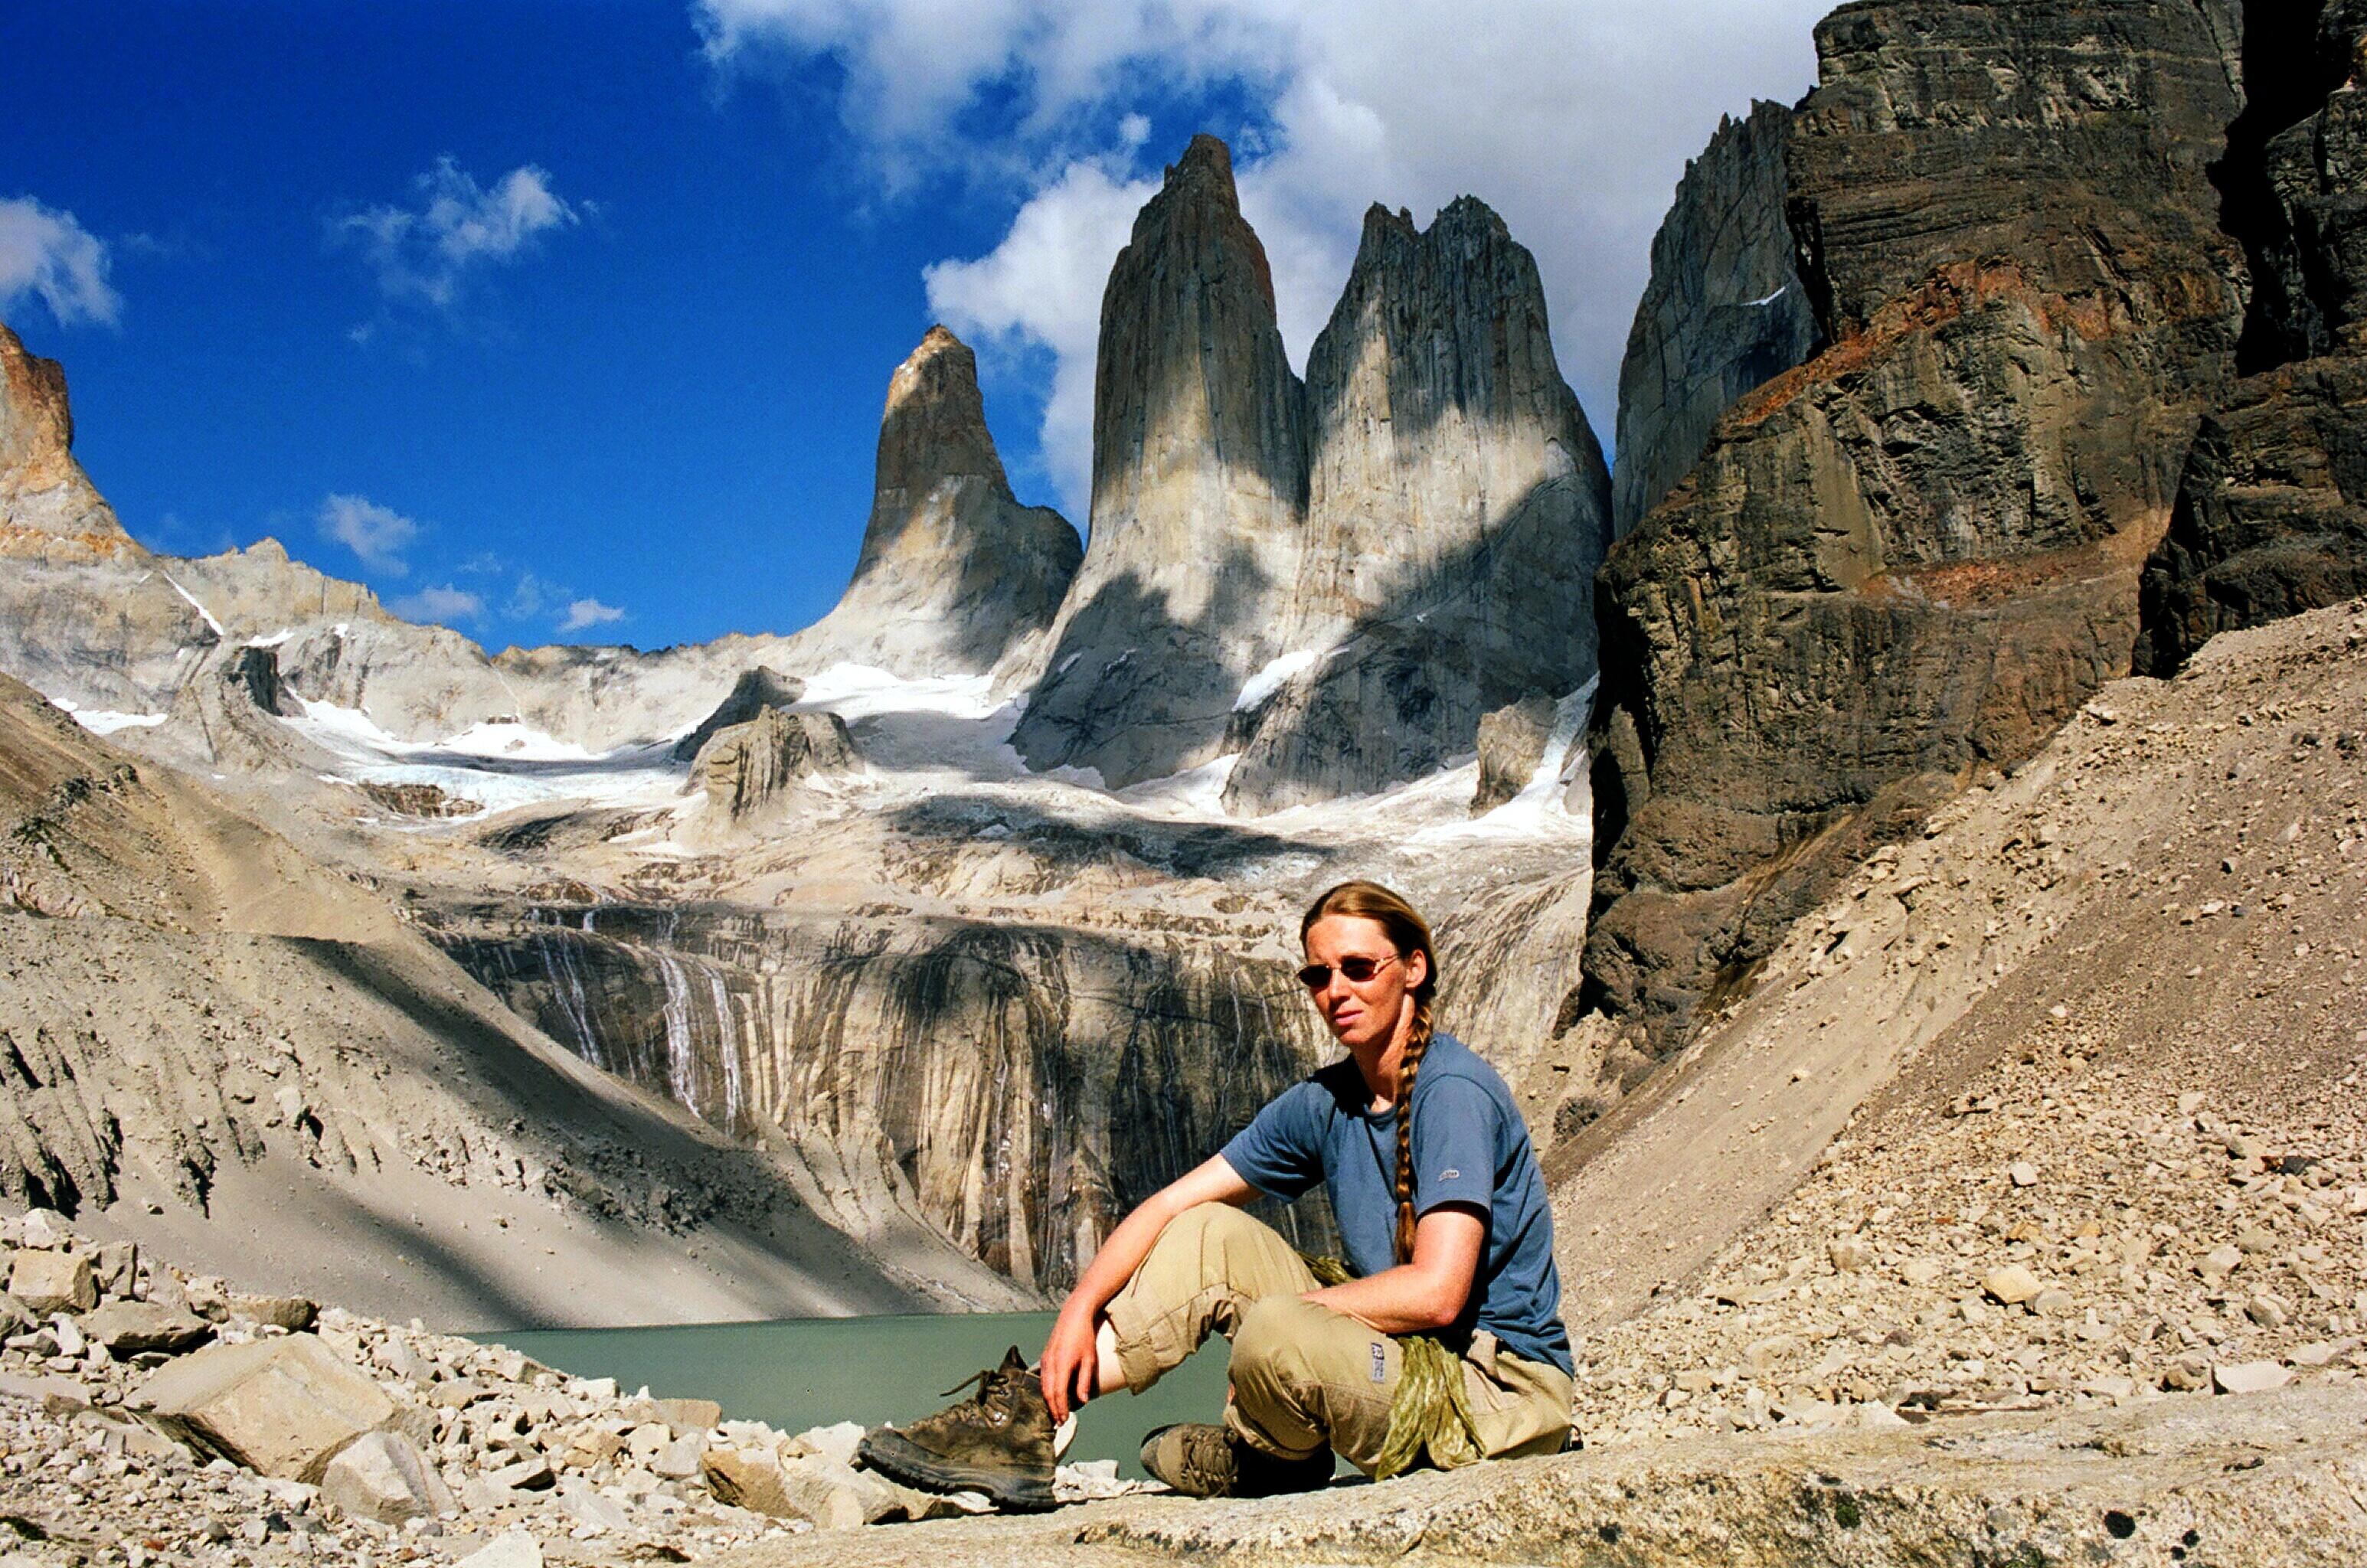 patagonie64690035